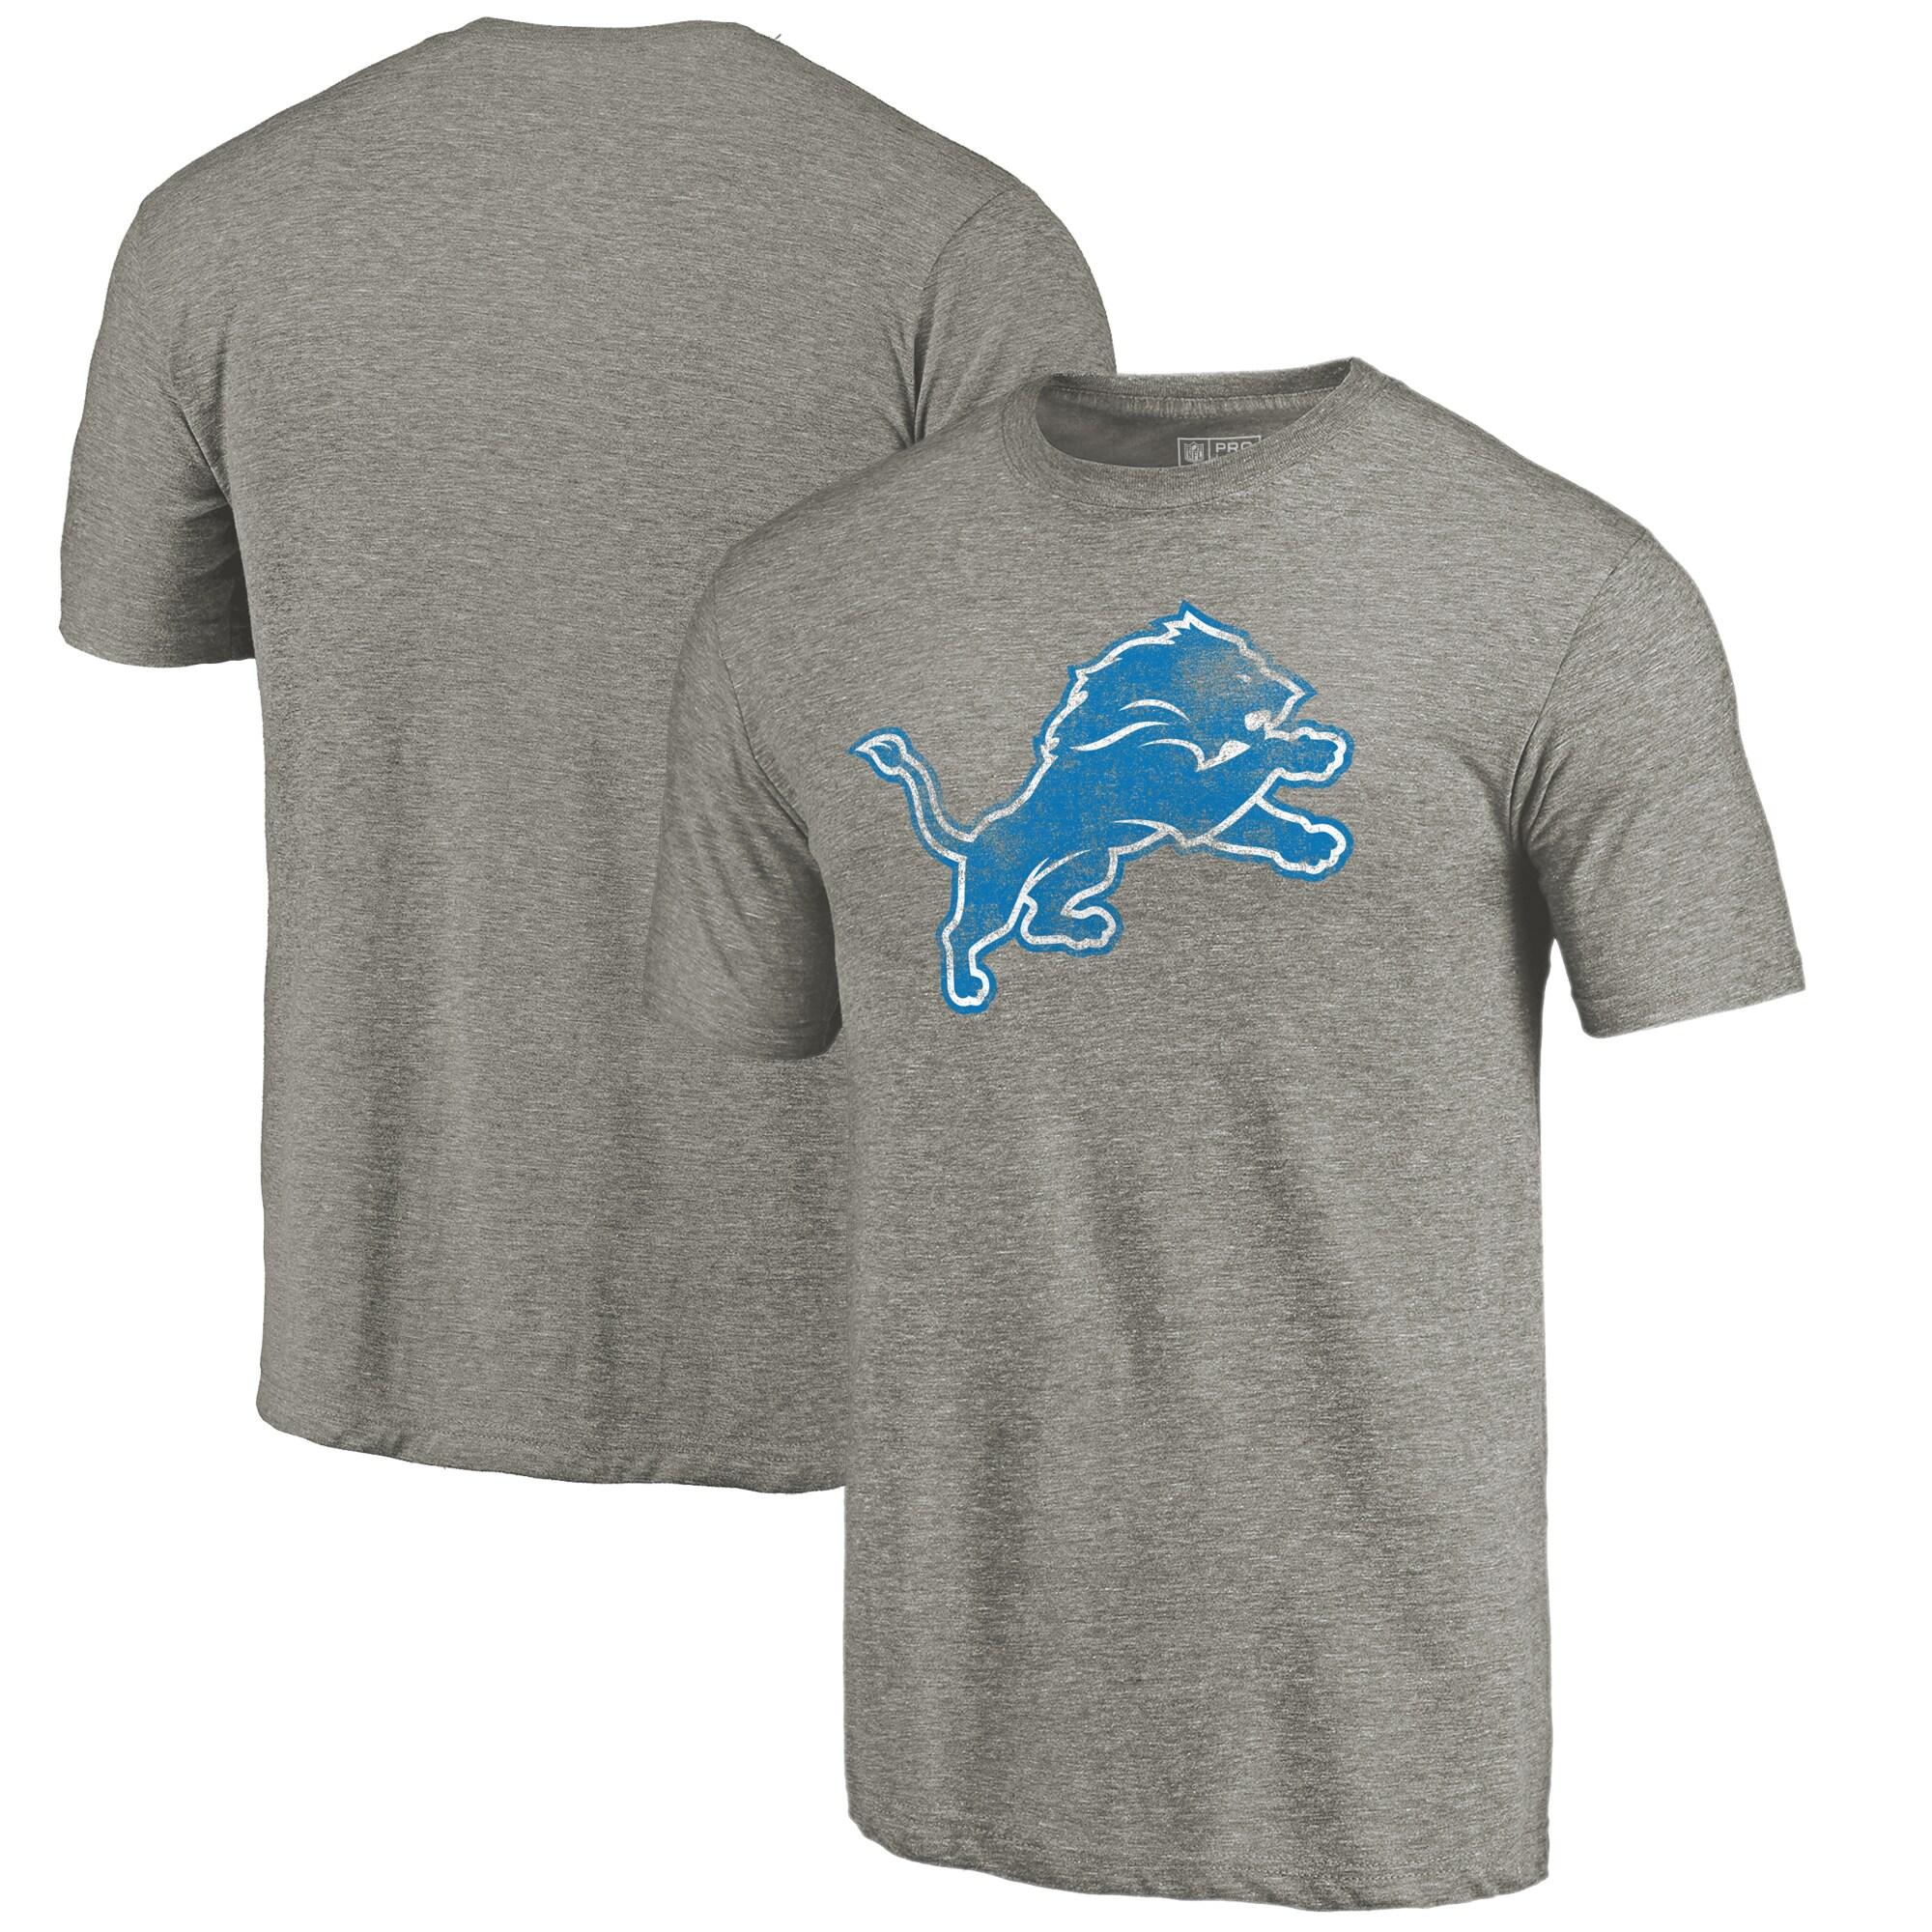 Detroit Lions NFL Pro Line Distressed Team T-Shirt - Ash